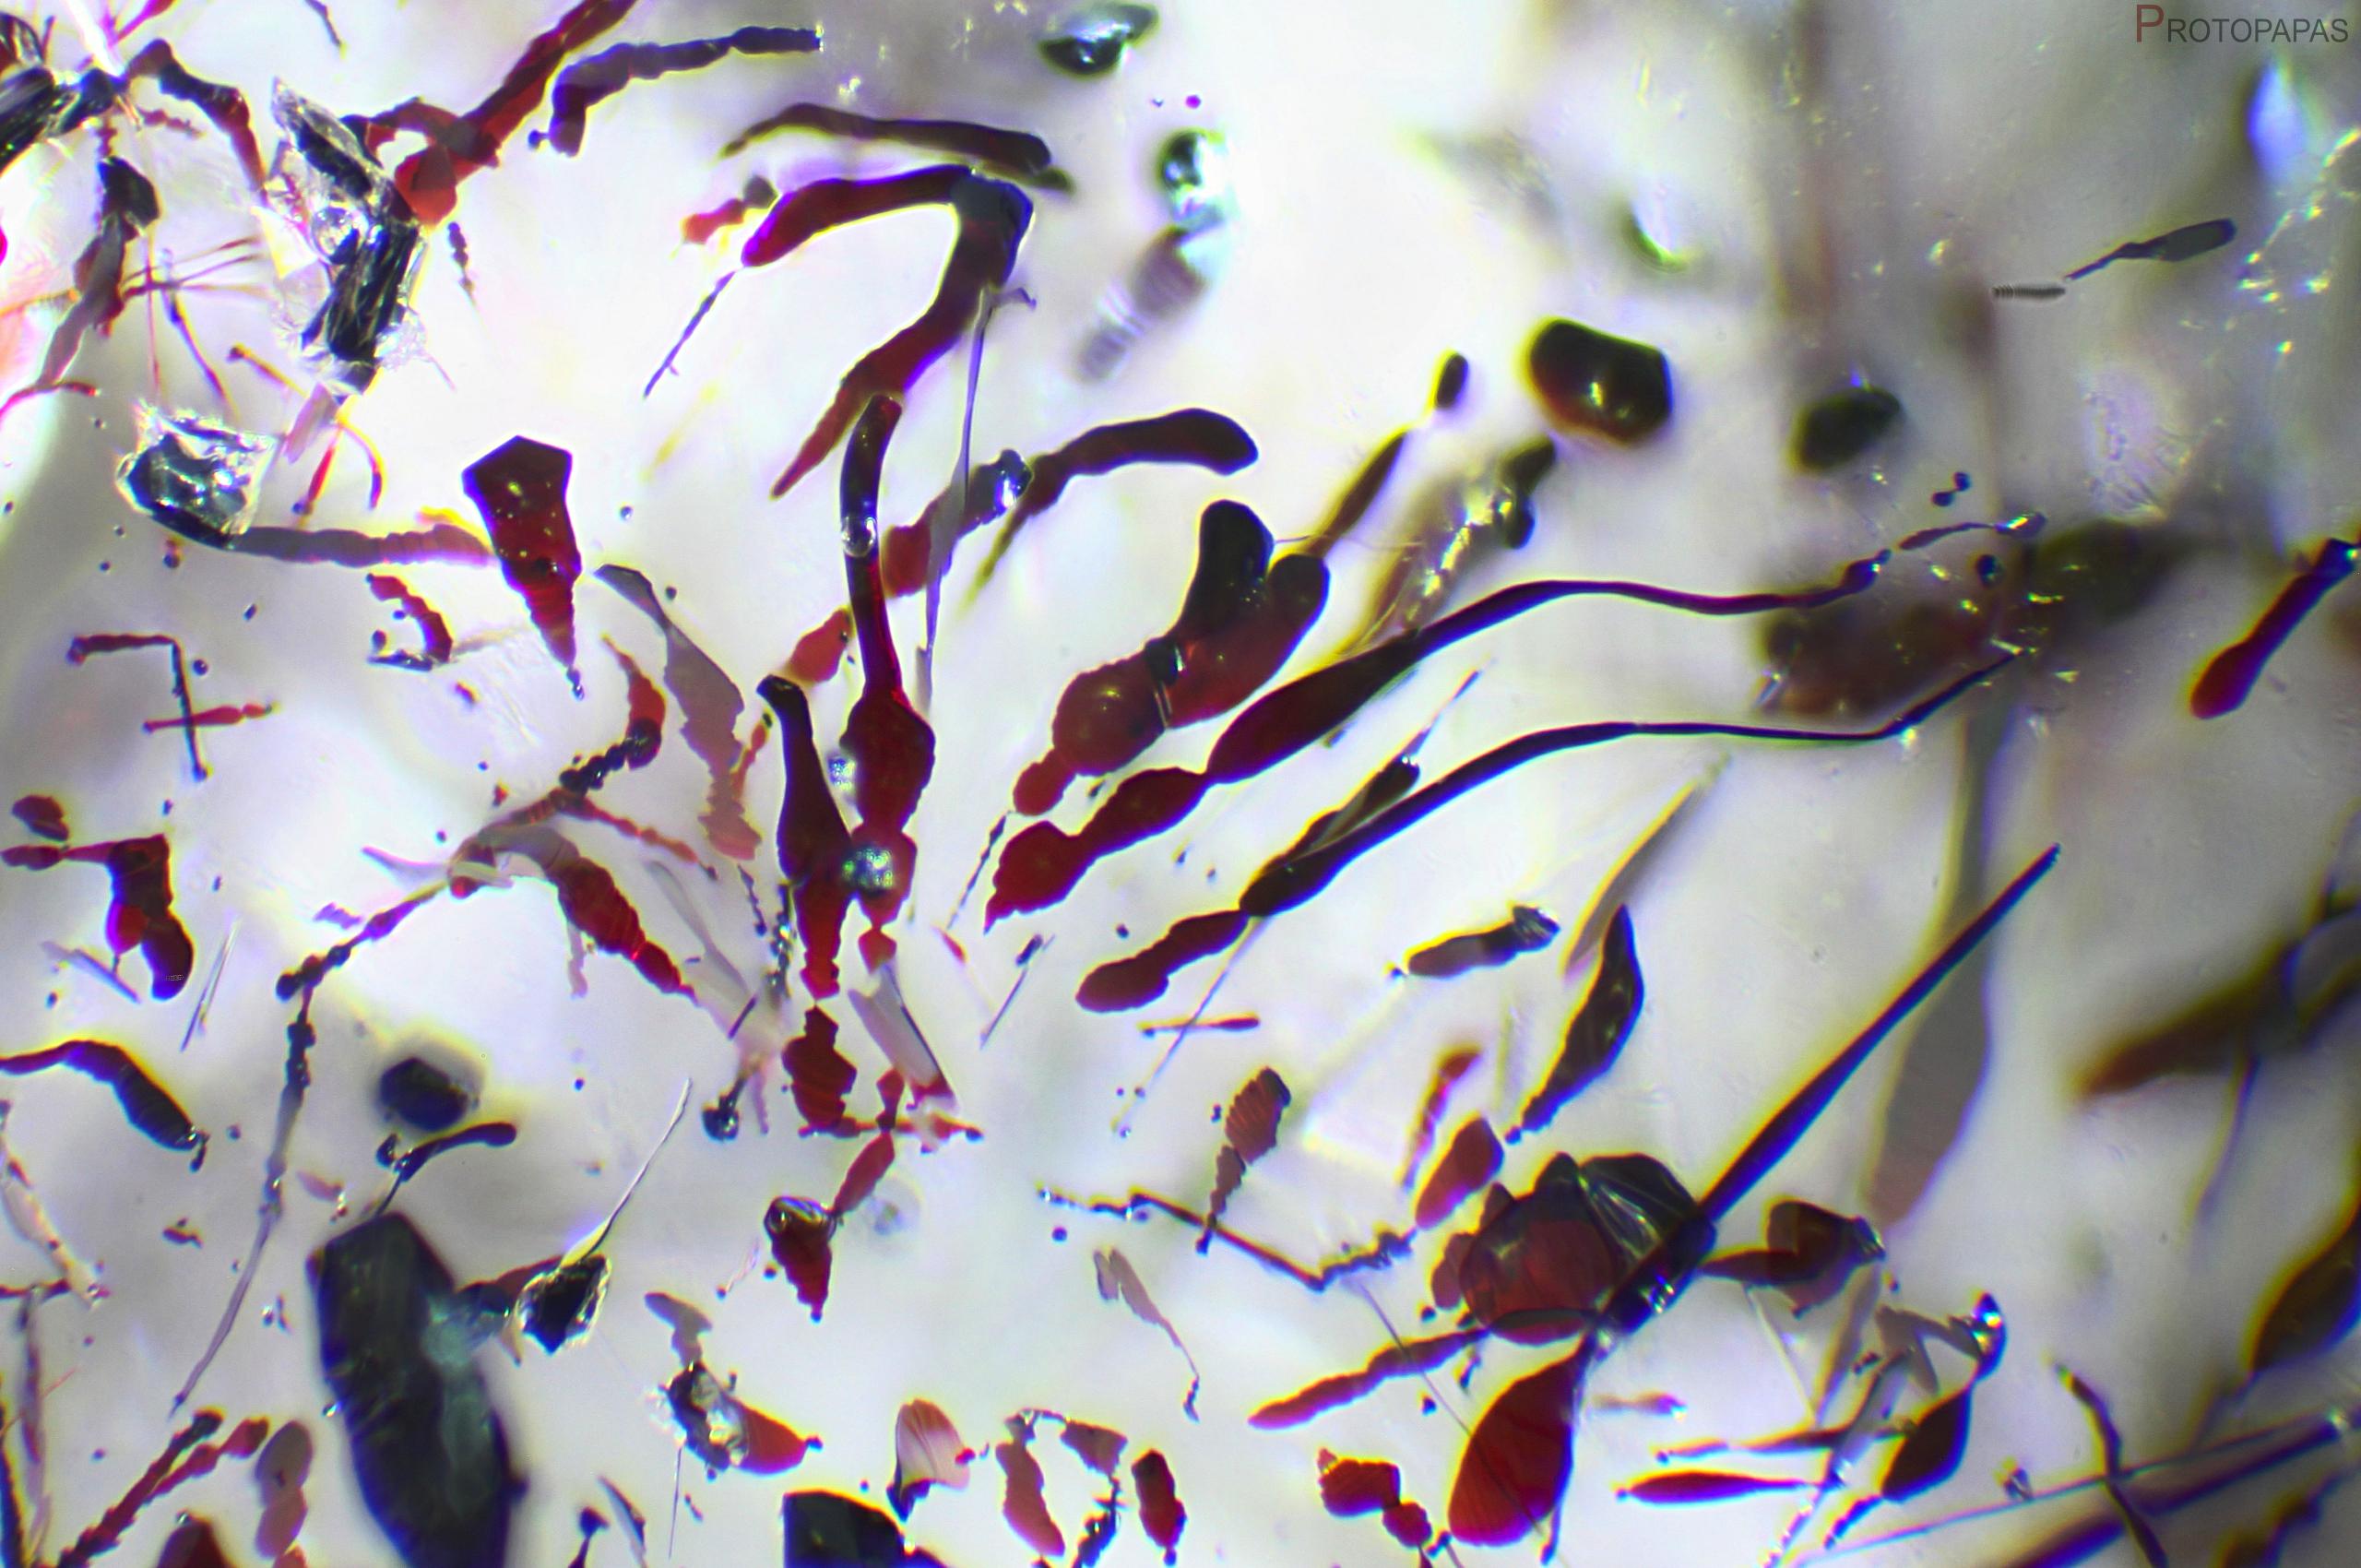 Hematite in clear Quartz